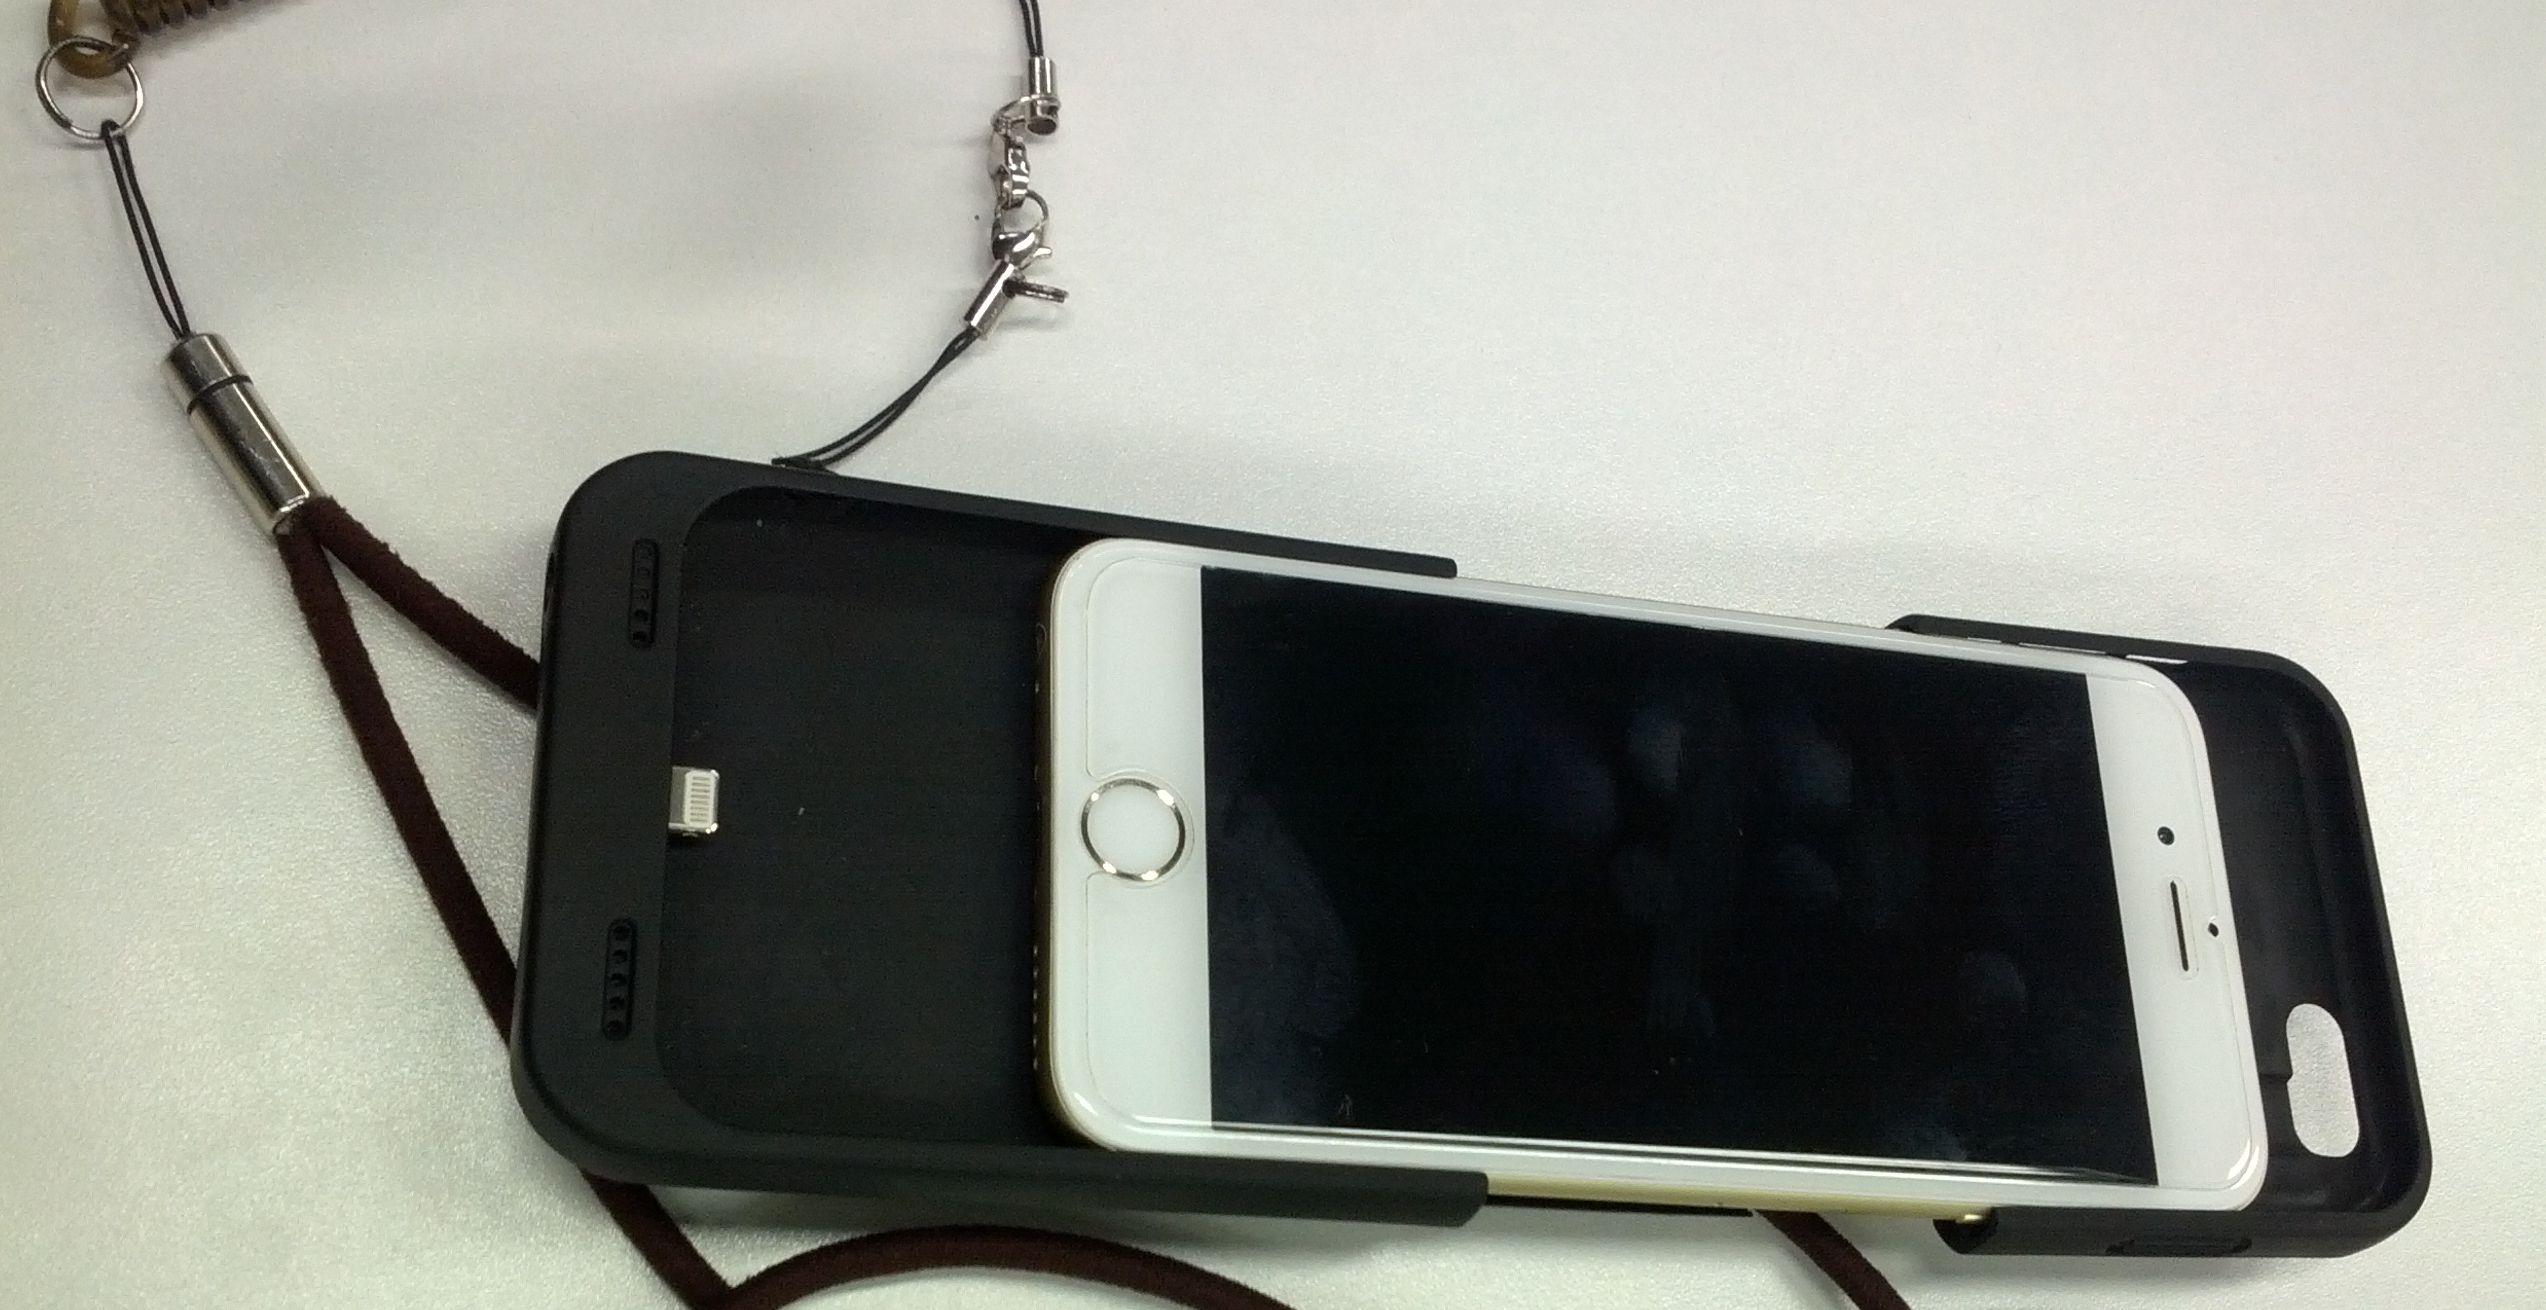 iPhone6バッテリケースに少し加工を加えて落下対策紐を装着してます